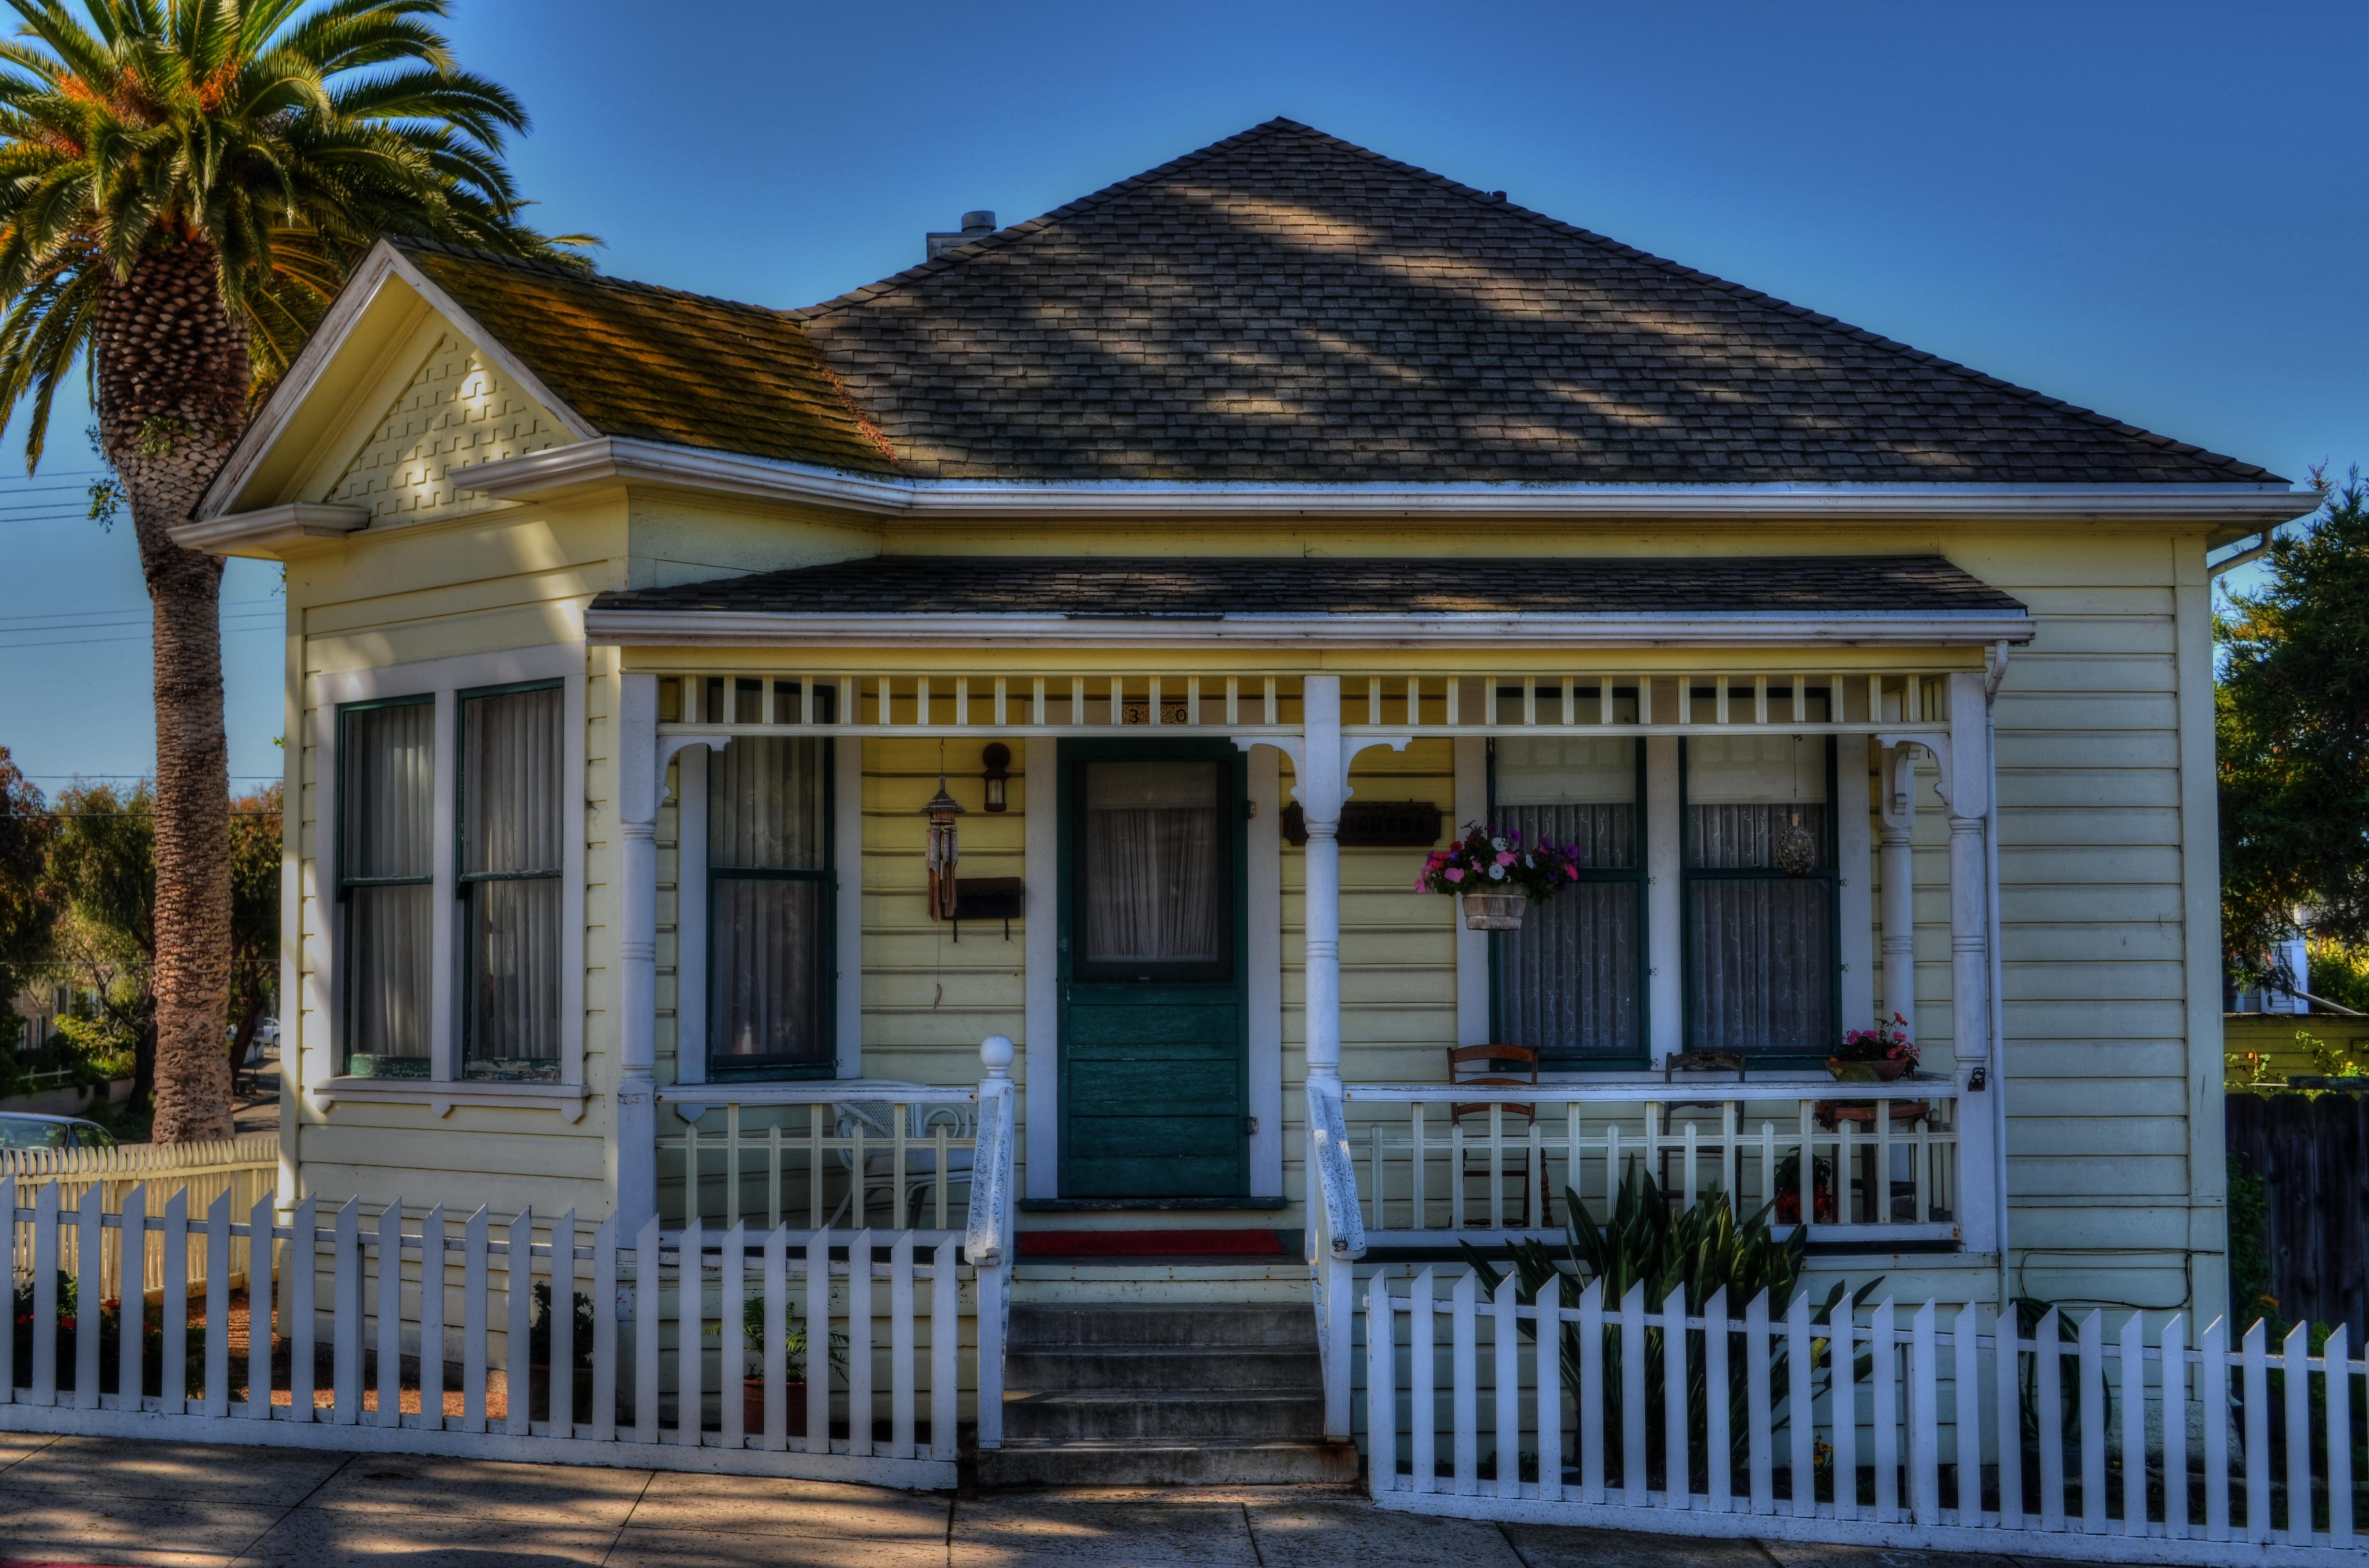 The American Dream, Pacific Grove, California, 2012.